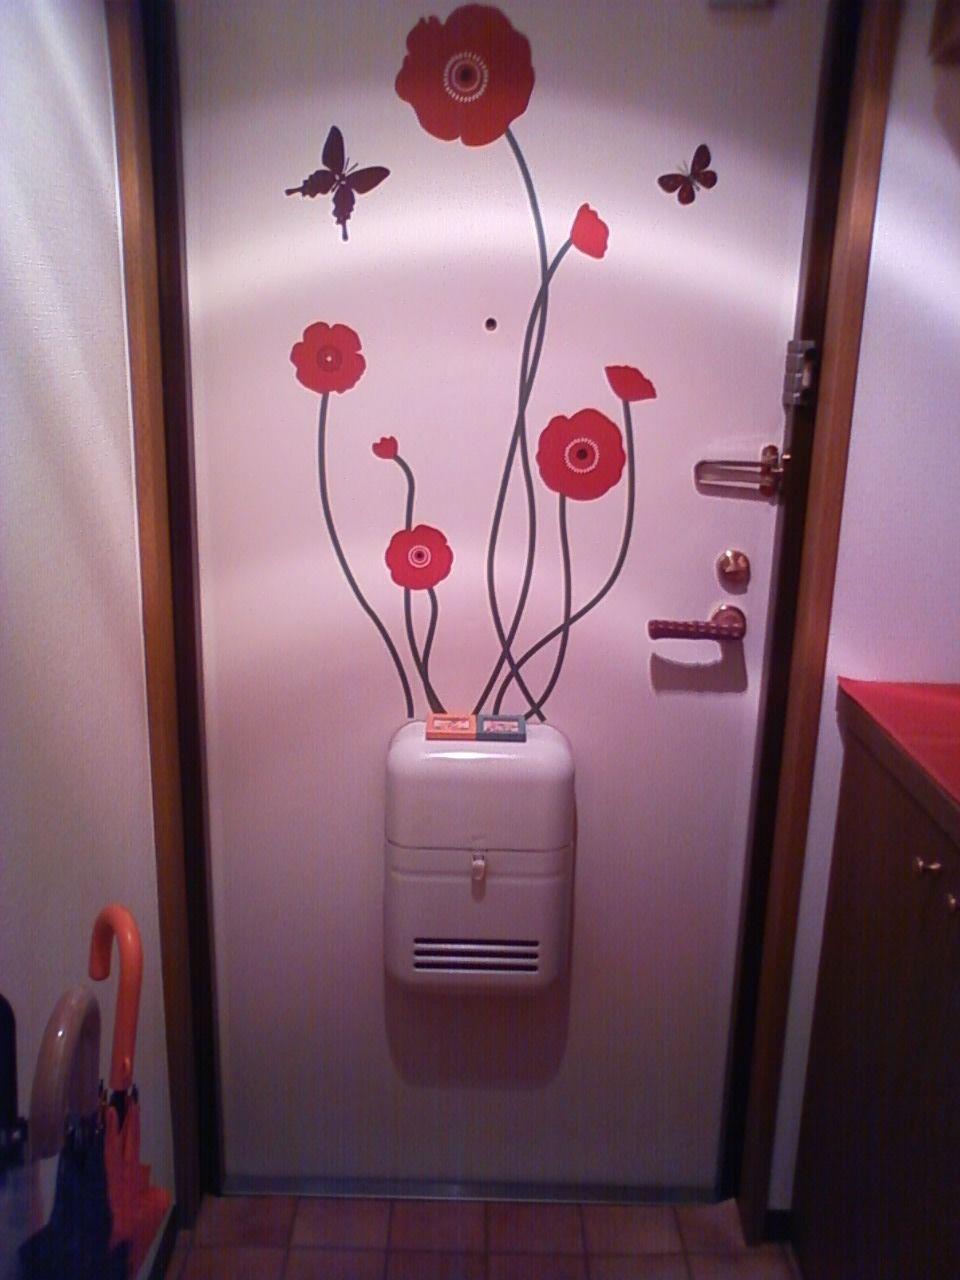 郵便受けからお花が生えたようなイラスト おしゃれで楽しい玄関に